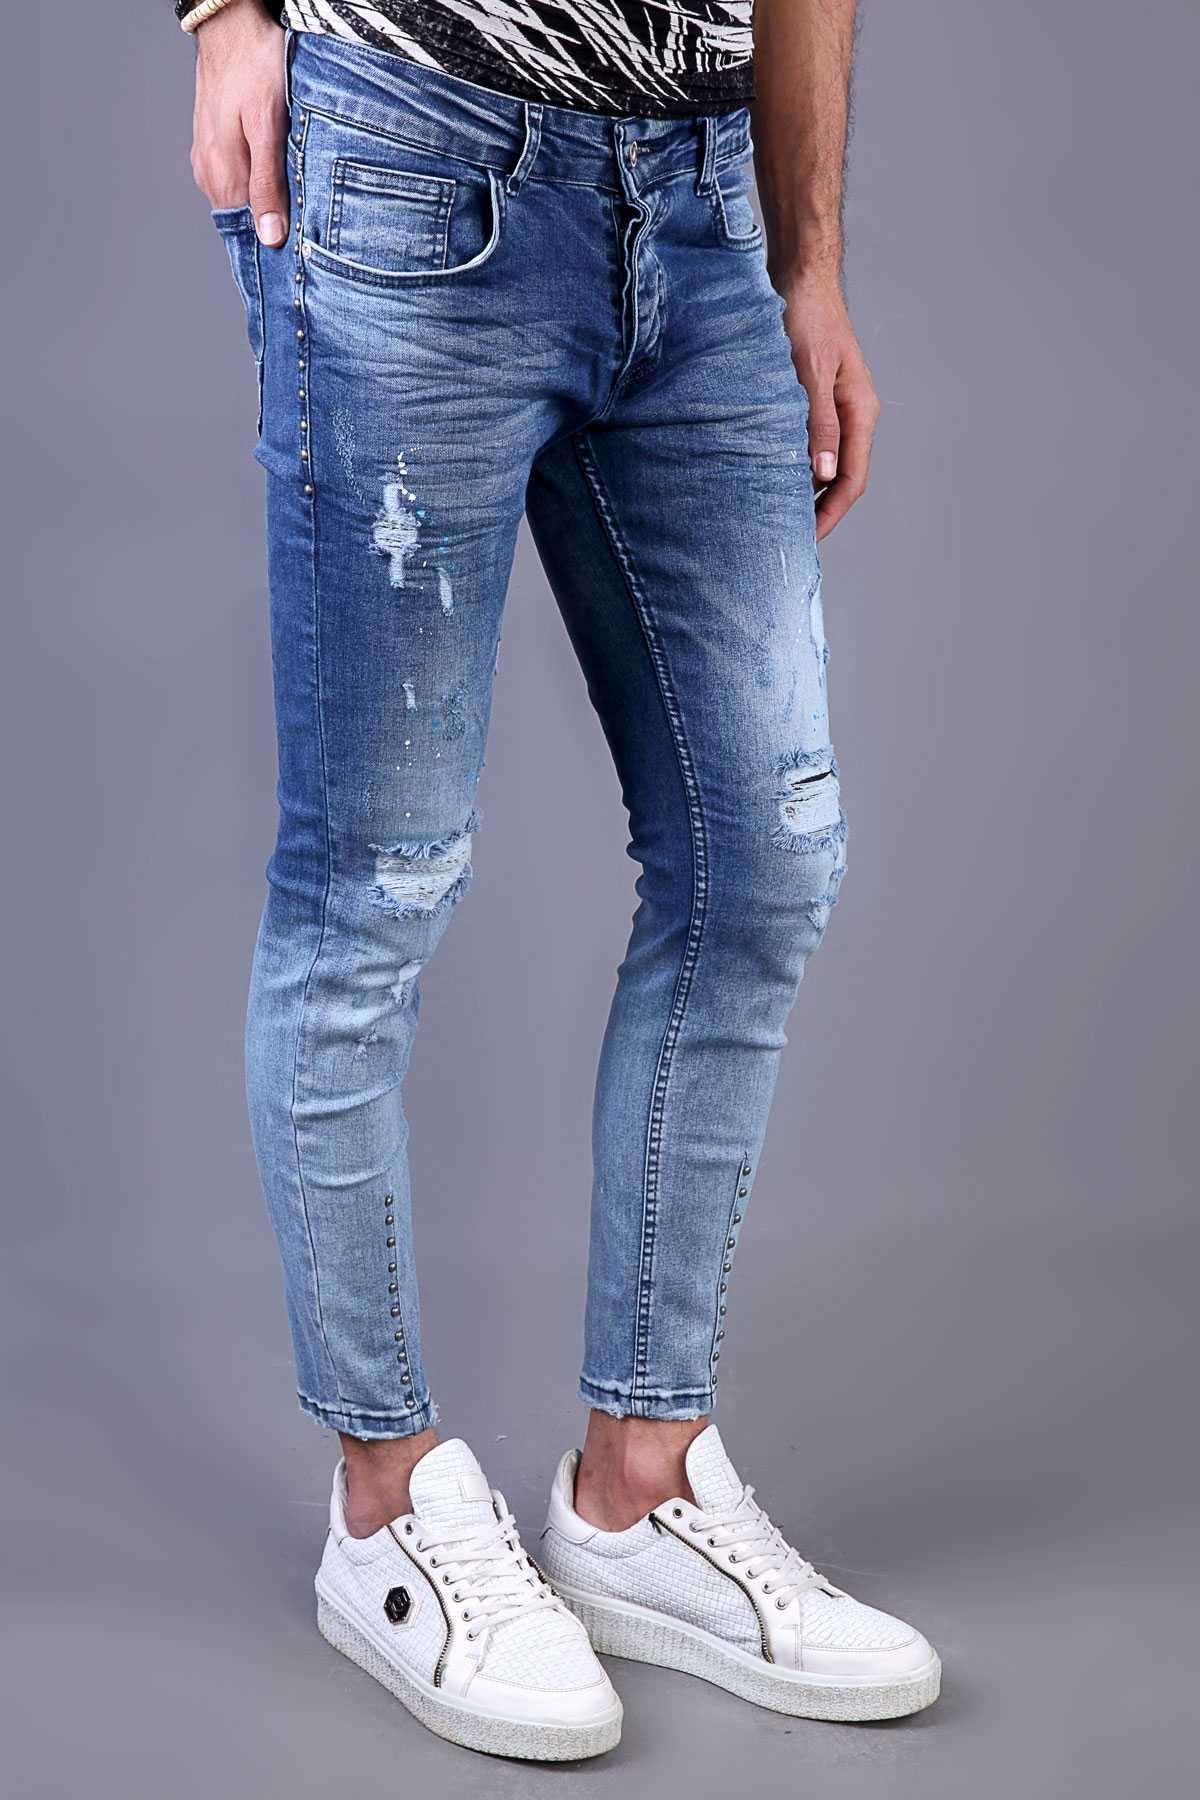 Paça Ucu Cep Yanı Metalli Boyalı Yırtıklı Slim Fit Kot Pantolon Mavi